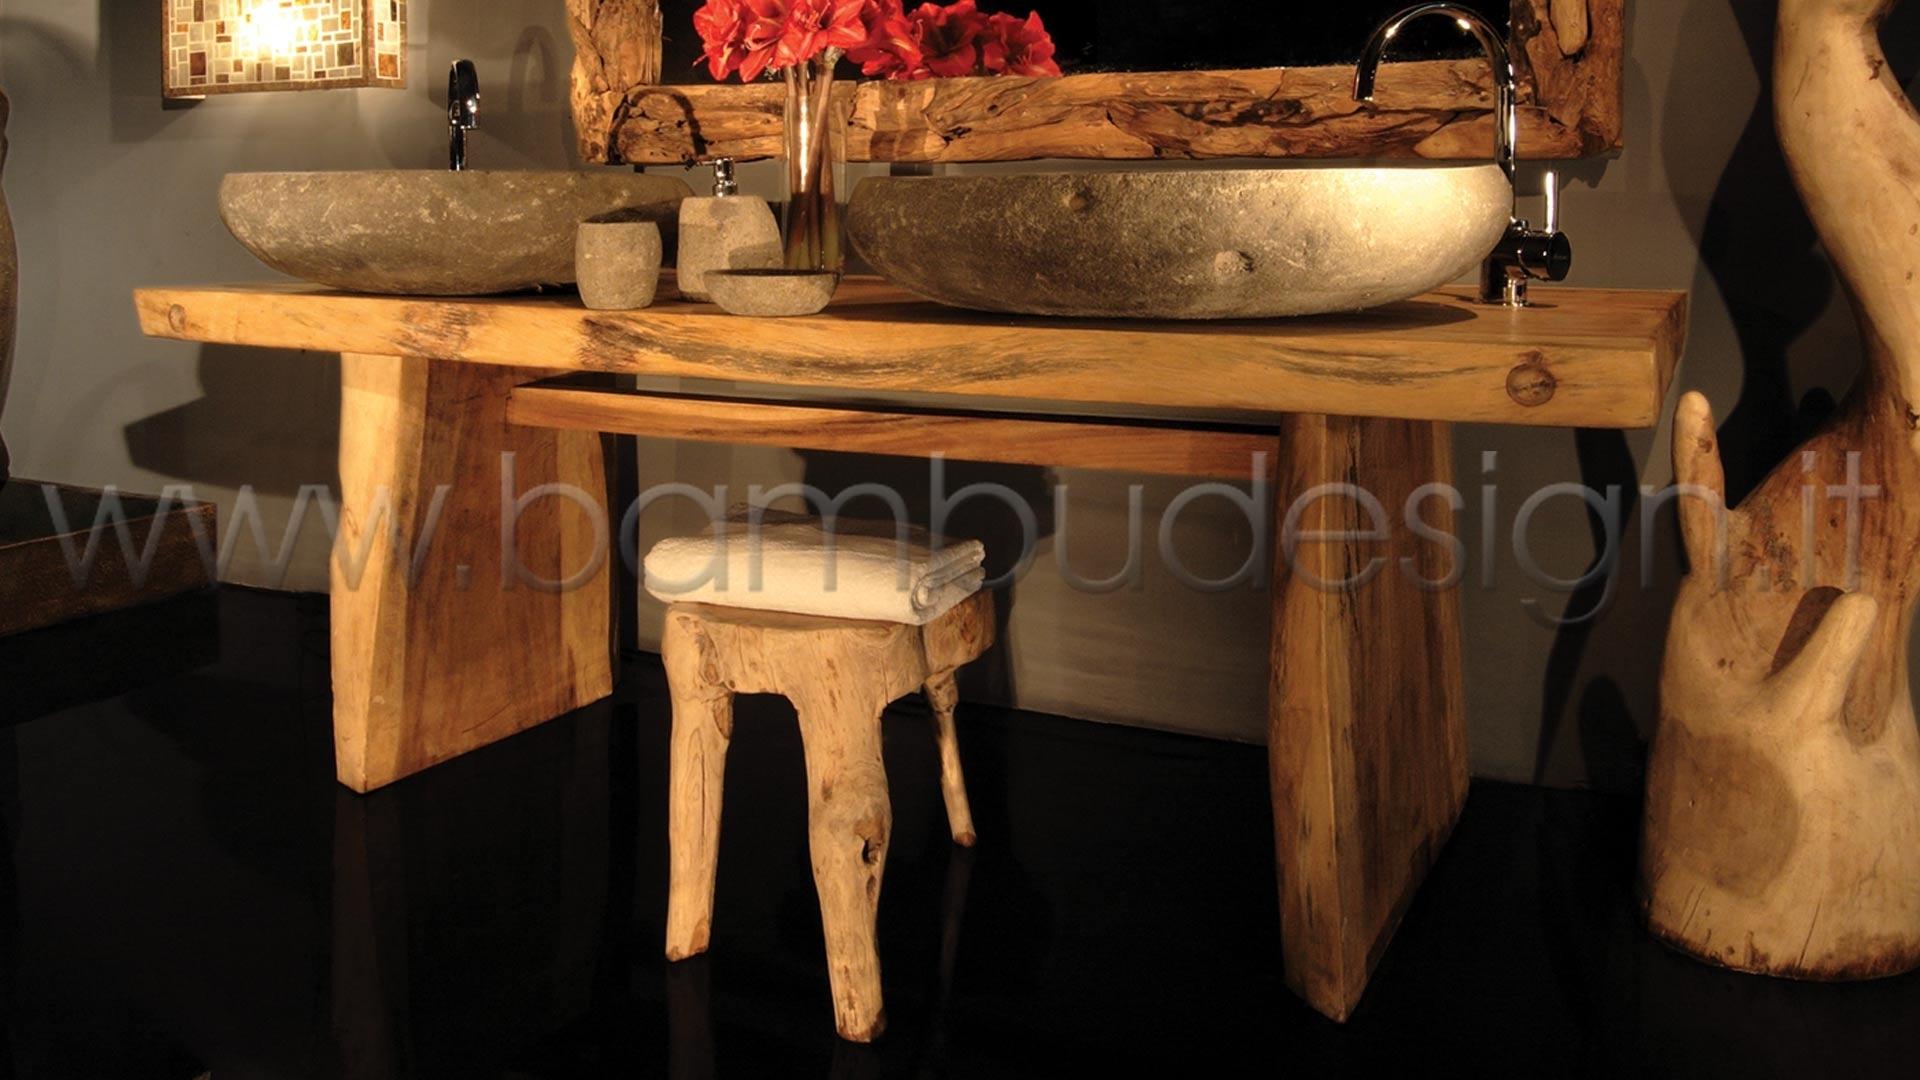 Tavoli Lunghi 4 Metri.Tavolo In Legno Suar Massello Naturale 250x80 H 80 Sp 10 Cm 2